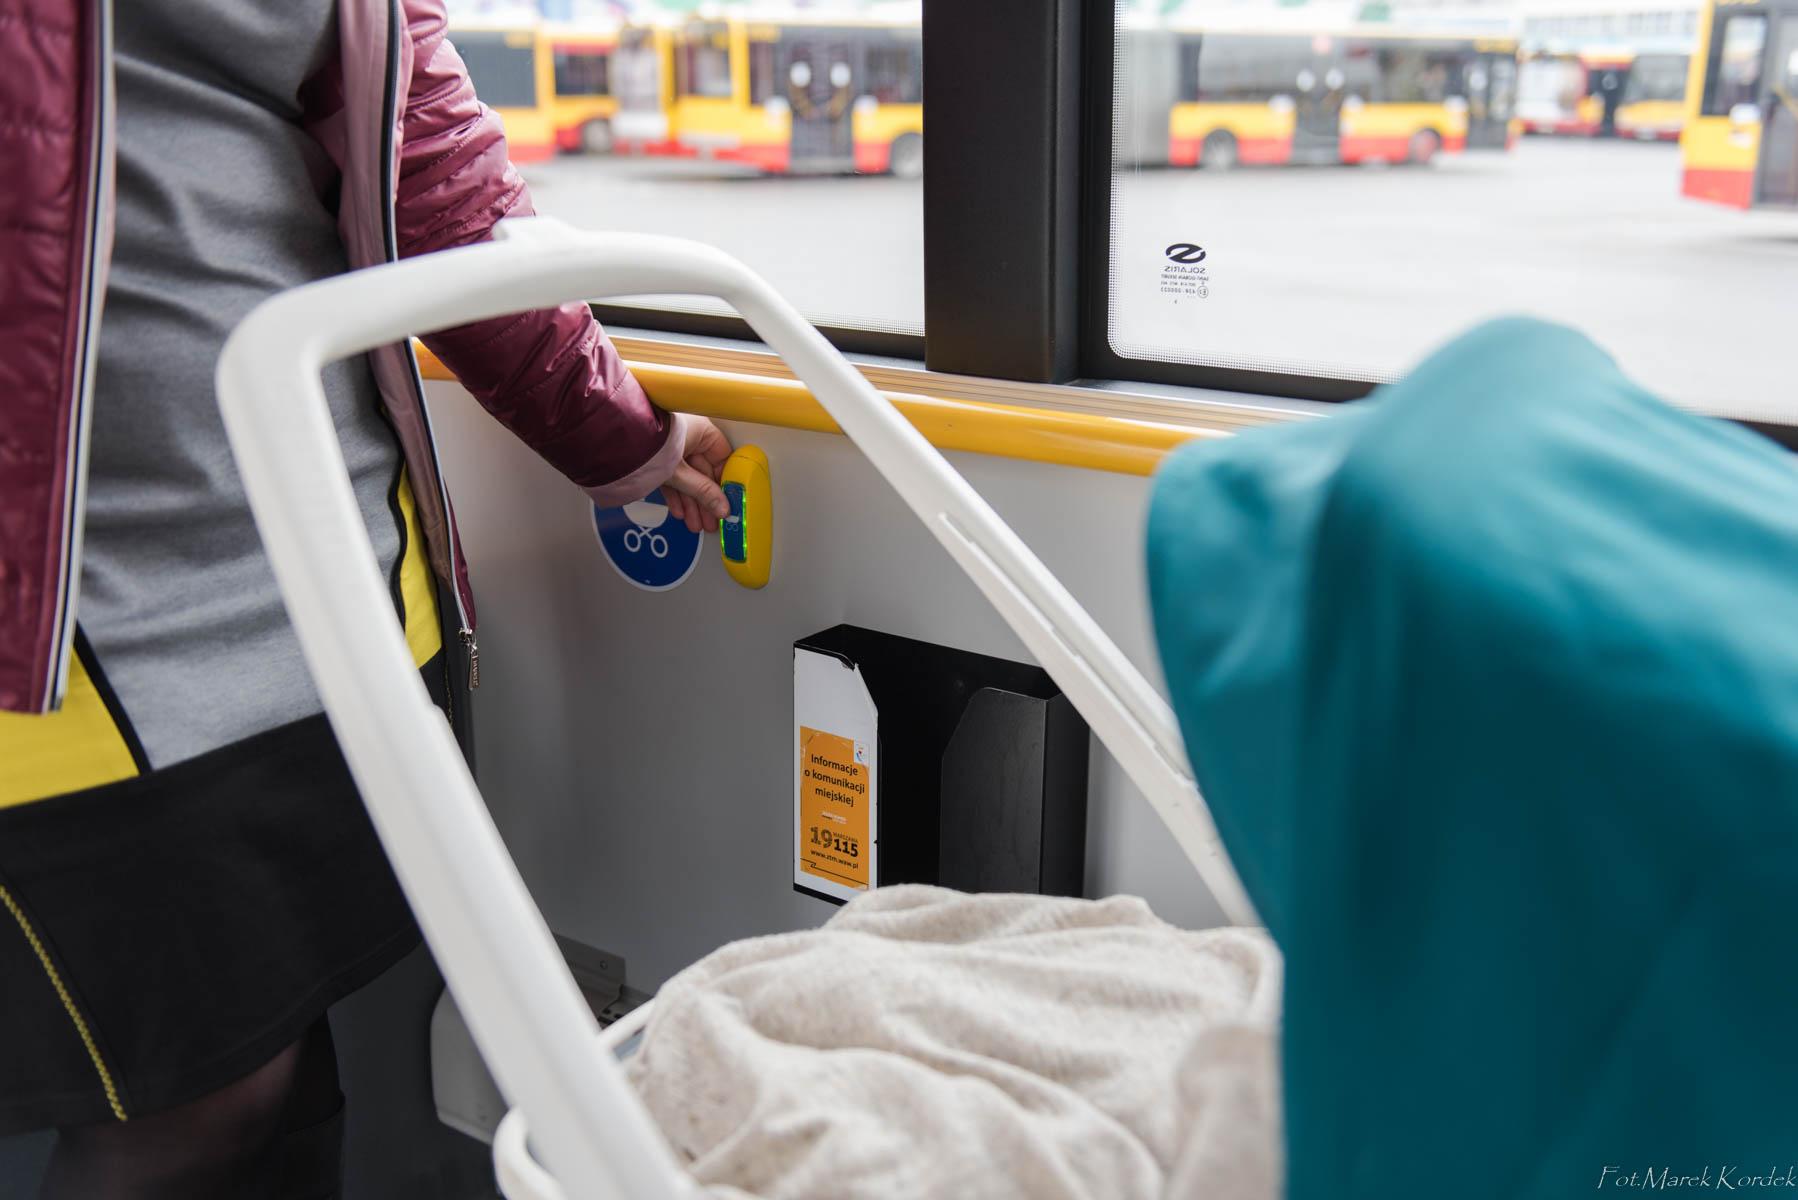 Jak bezpiecznie przewozić dziecko w komunikacji miejskiej sygnalizacja chęci opuszczenia autobusu